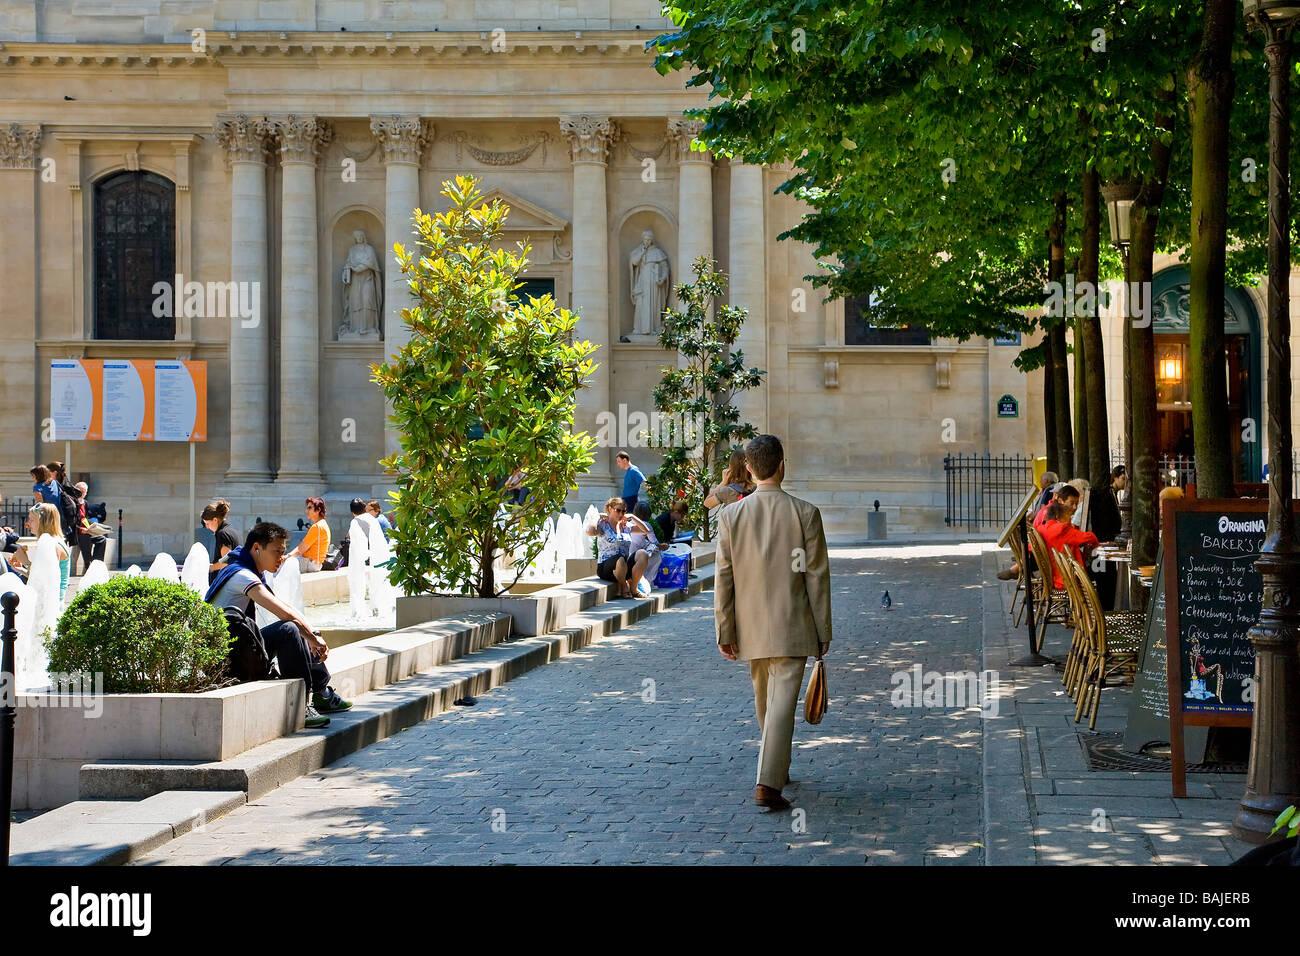 France, Paris, Quartier Latin, Place de la Sorbonne - Stock Image